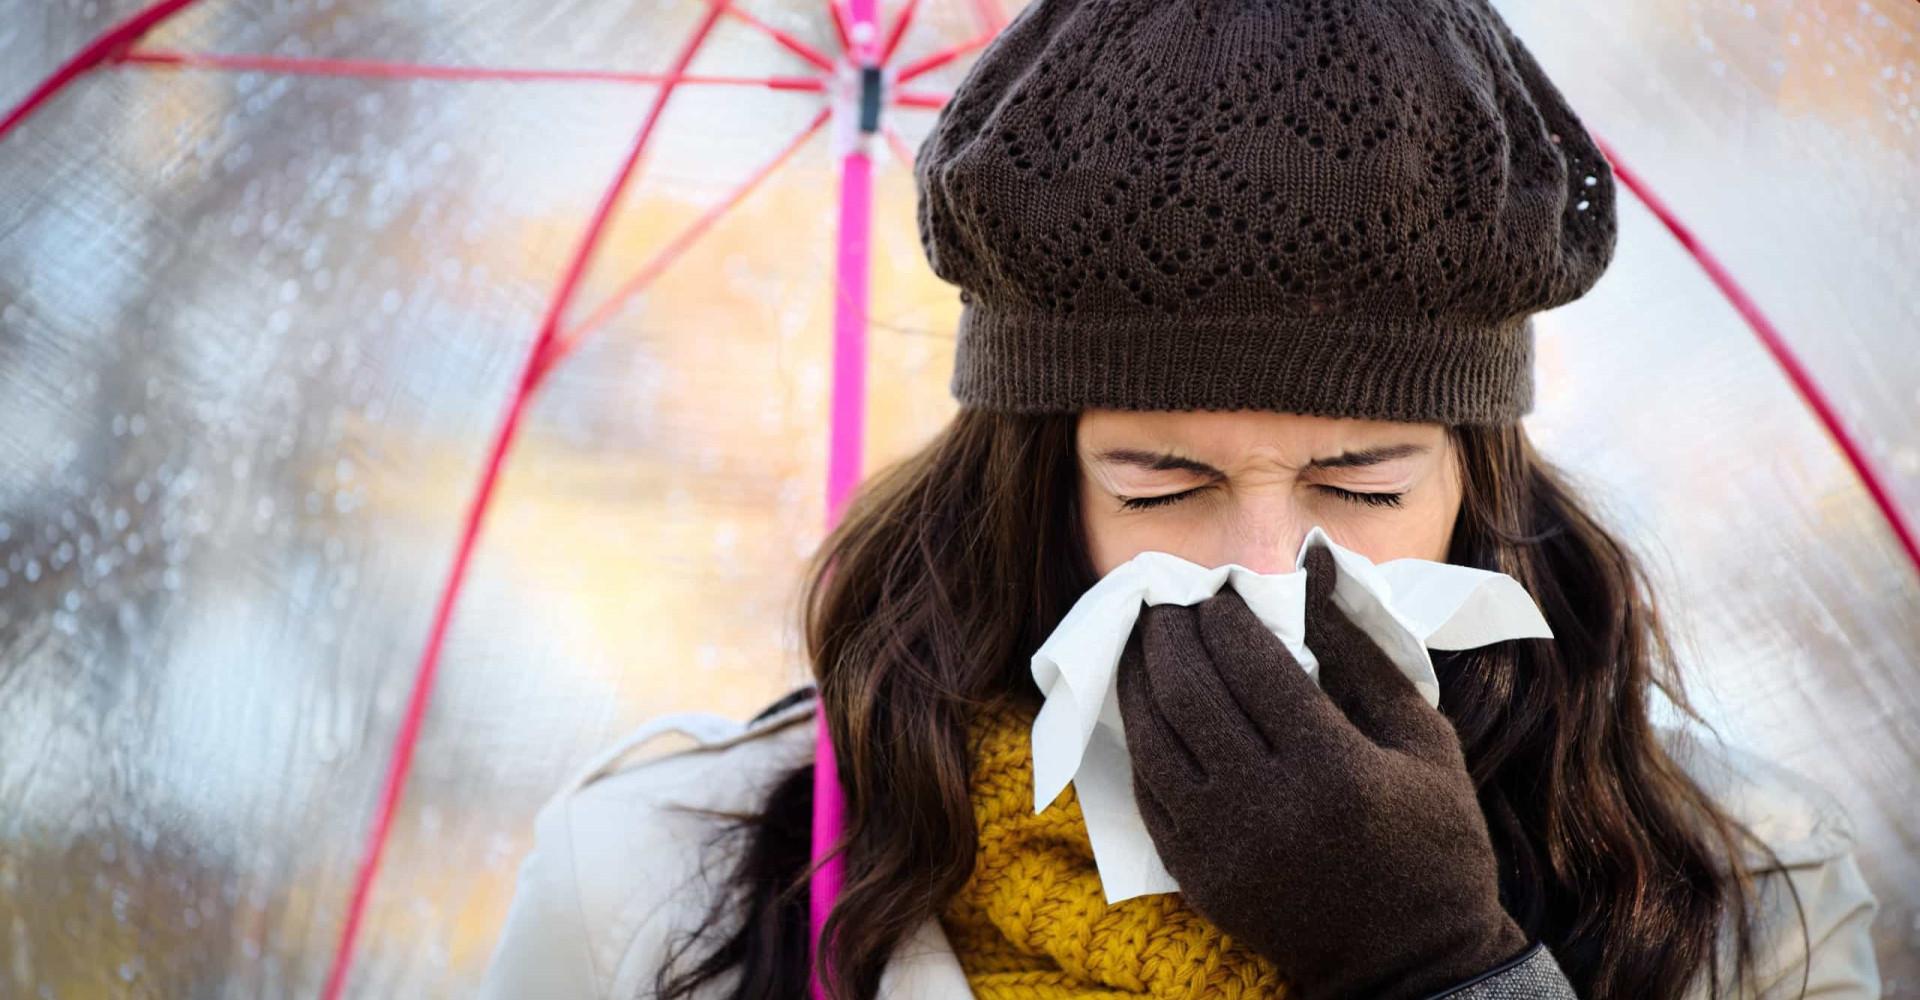 Flunssakausi! Päivittäiset tavat, jotka lisäävät tartunnan riskiä